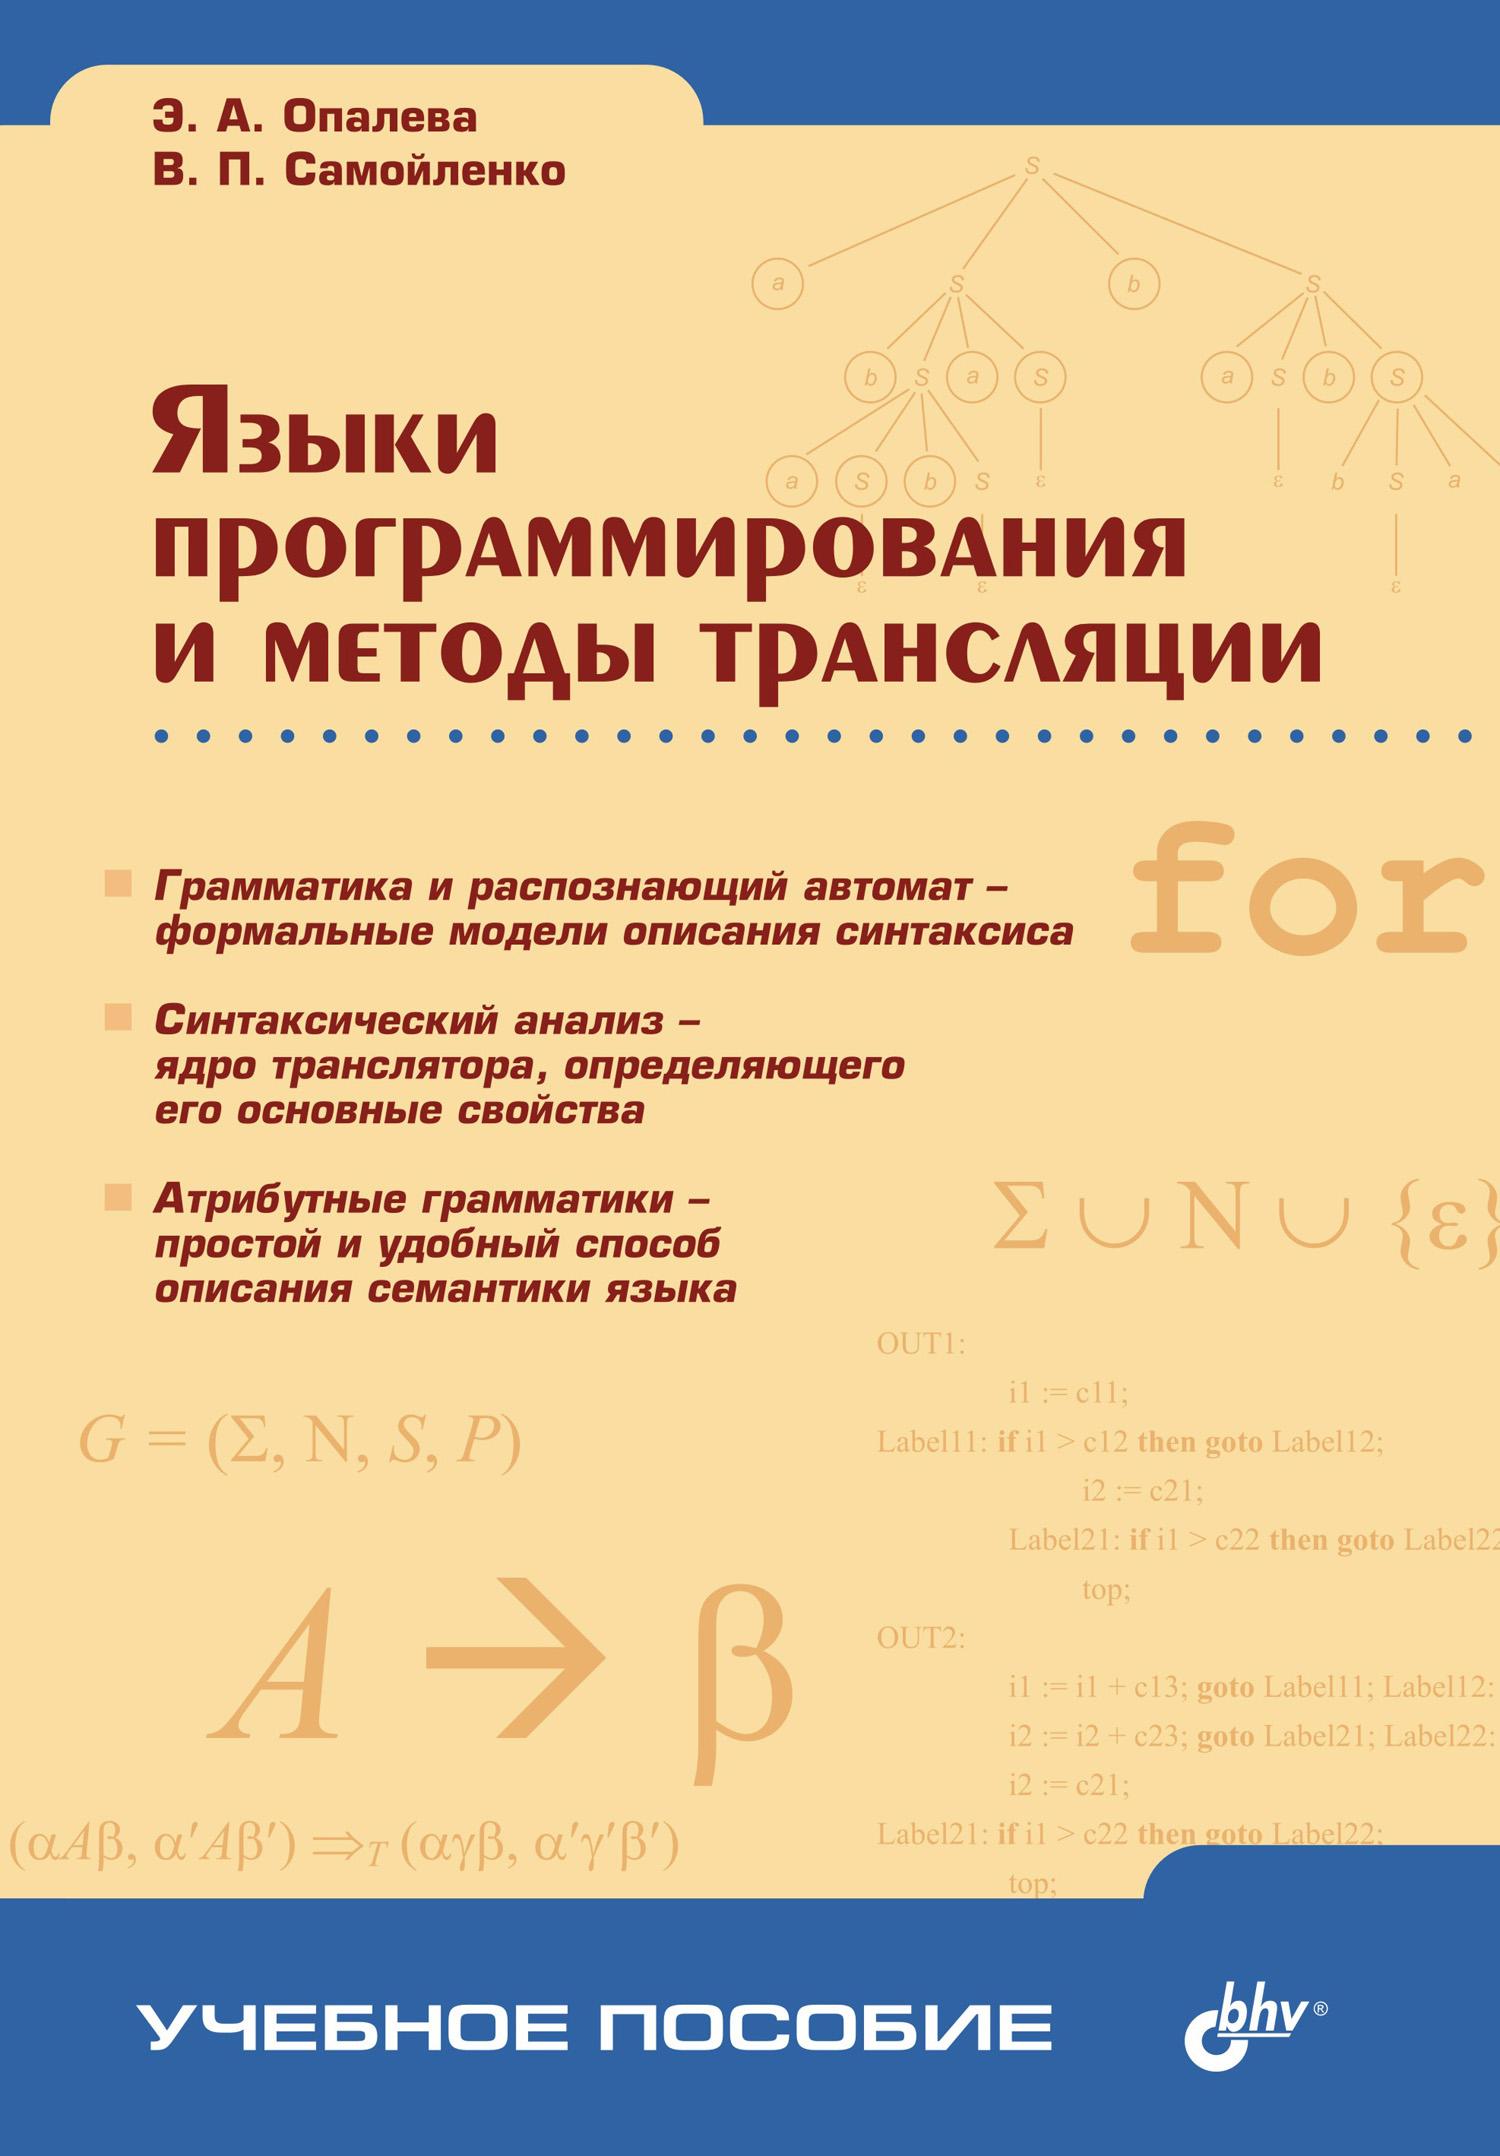 Владимир Самойленко, Эльвира Опалева «Языки программирования и методы трансляции»